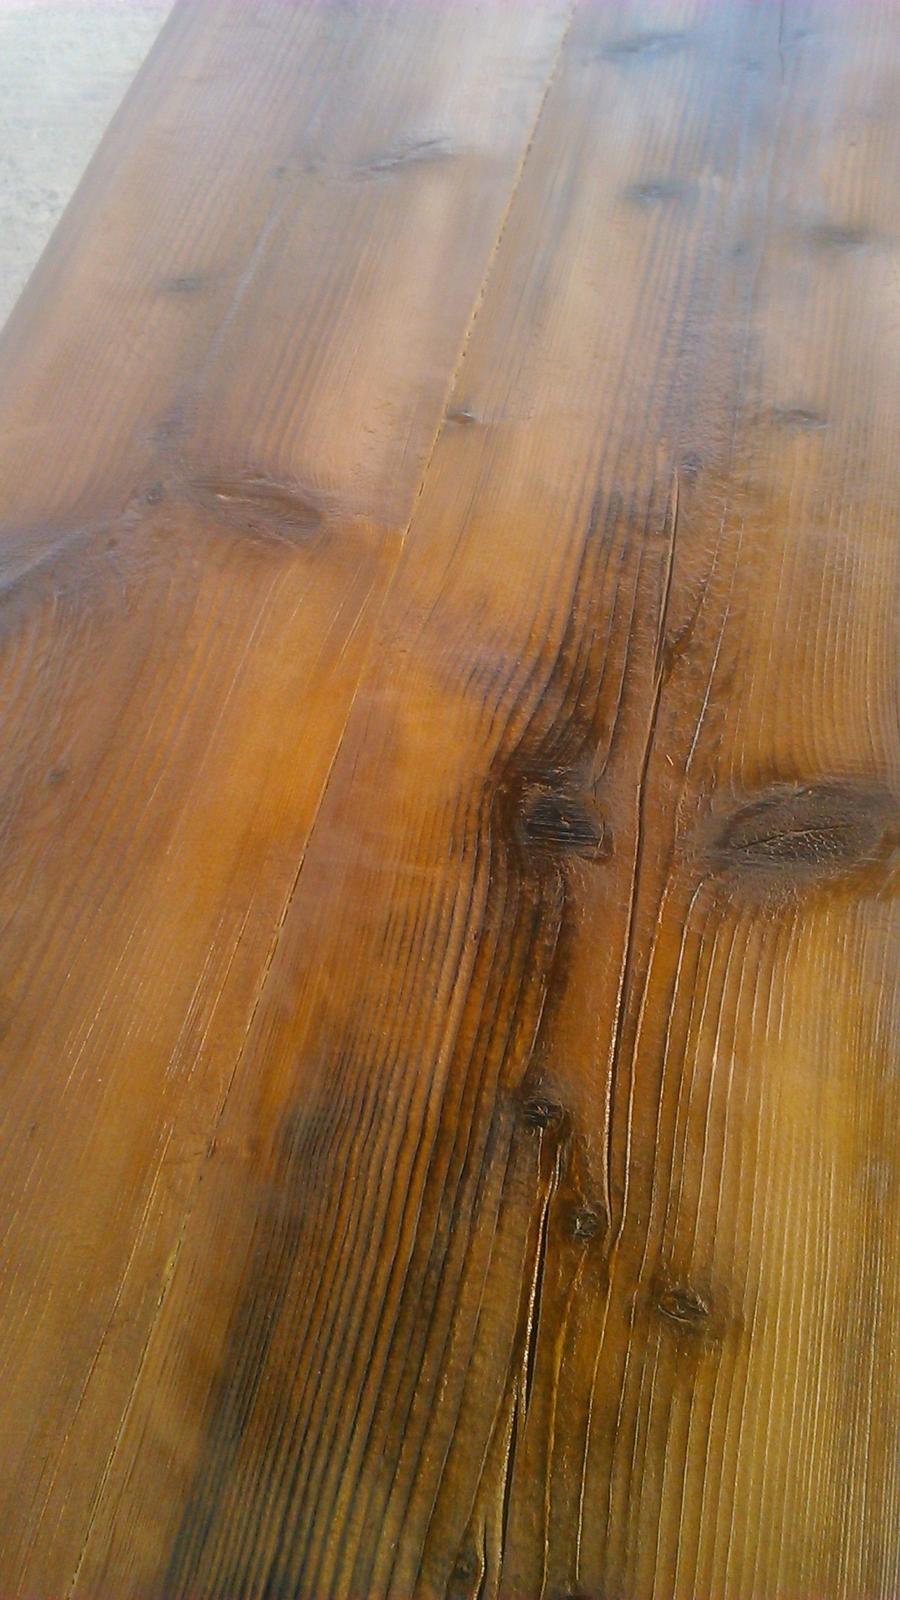 Ako sme vyrábali sedíliu po našom. Z materiálu....čo dom dal :-) - napustená doska výluhom a naolejovaná....sedieť nemôžeme...mali by sme ešte mastné zadky :)